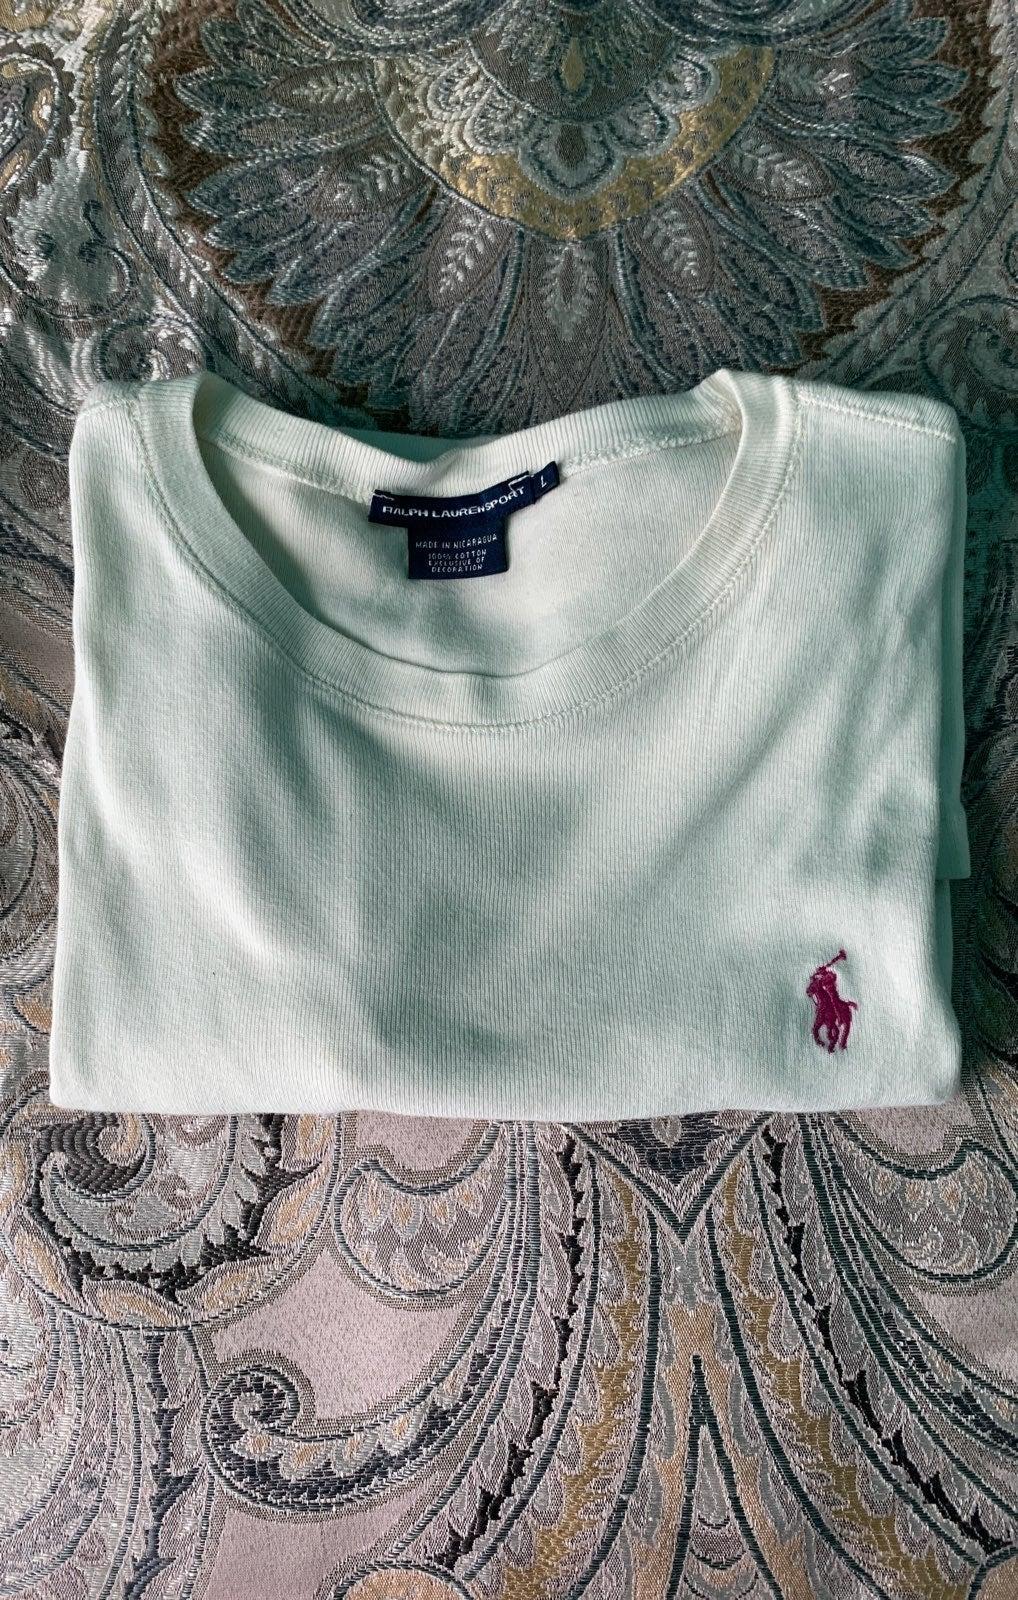 Polo Ralph Lauren womens knit top